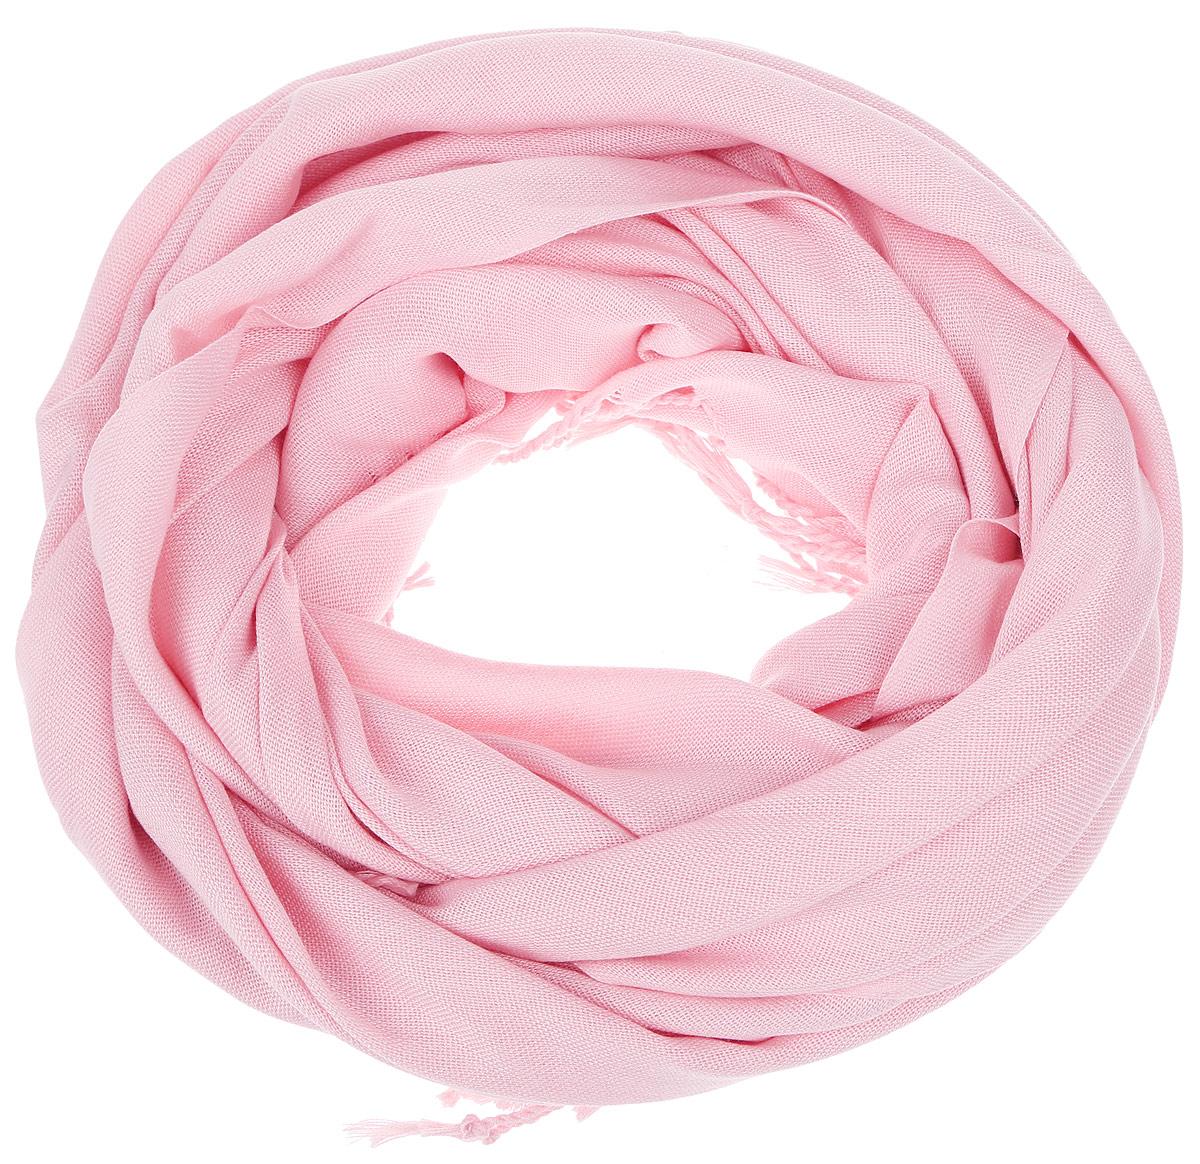 Шарф женский. SCw-142/442-6302SCw-142/442-6302Модный женский шарф Sela подарит вам уют и станет стильным аксессуаром, который призван подчеркнуть вашу индивидуальность и женственность. Шарф выполнен из полиэстера с добавлением вискозы, он невероятно мягкий и приятный на ощупь. Шарф украшен бахромой в виде жгутиков по краям. Этот модный аксессуар гармонично дополнит образ современной женщины, следящей за своим имиджем и стремящейся всегда оставаться стильной и элегантной. Такой шарф украсит любой наряд и согреет вас в непогоду, с ним вы всегда будете выглядеть изысканно и оригинально.